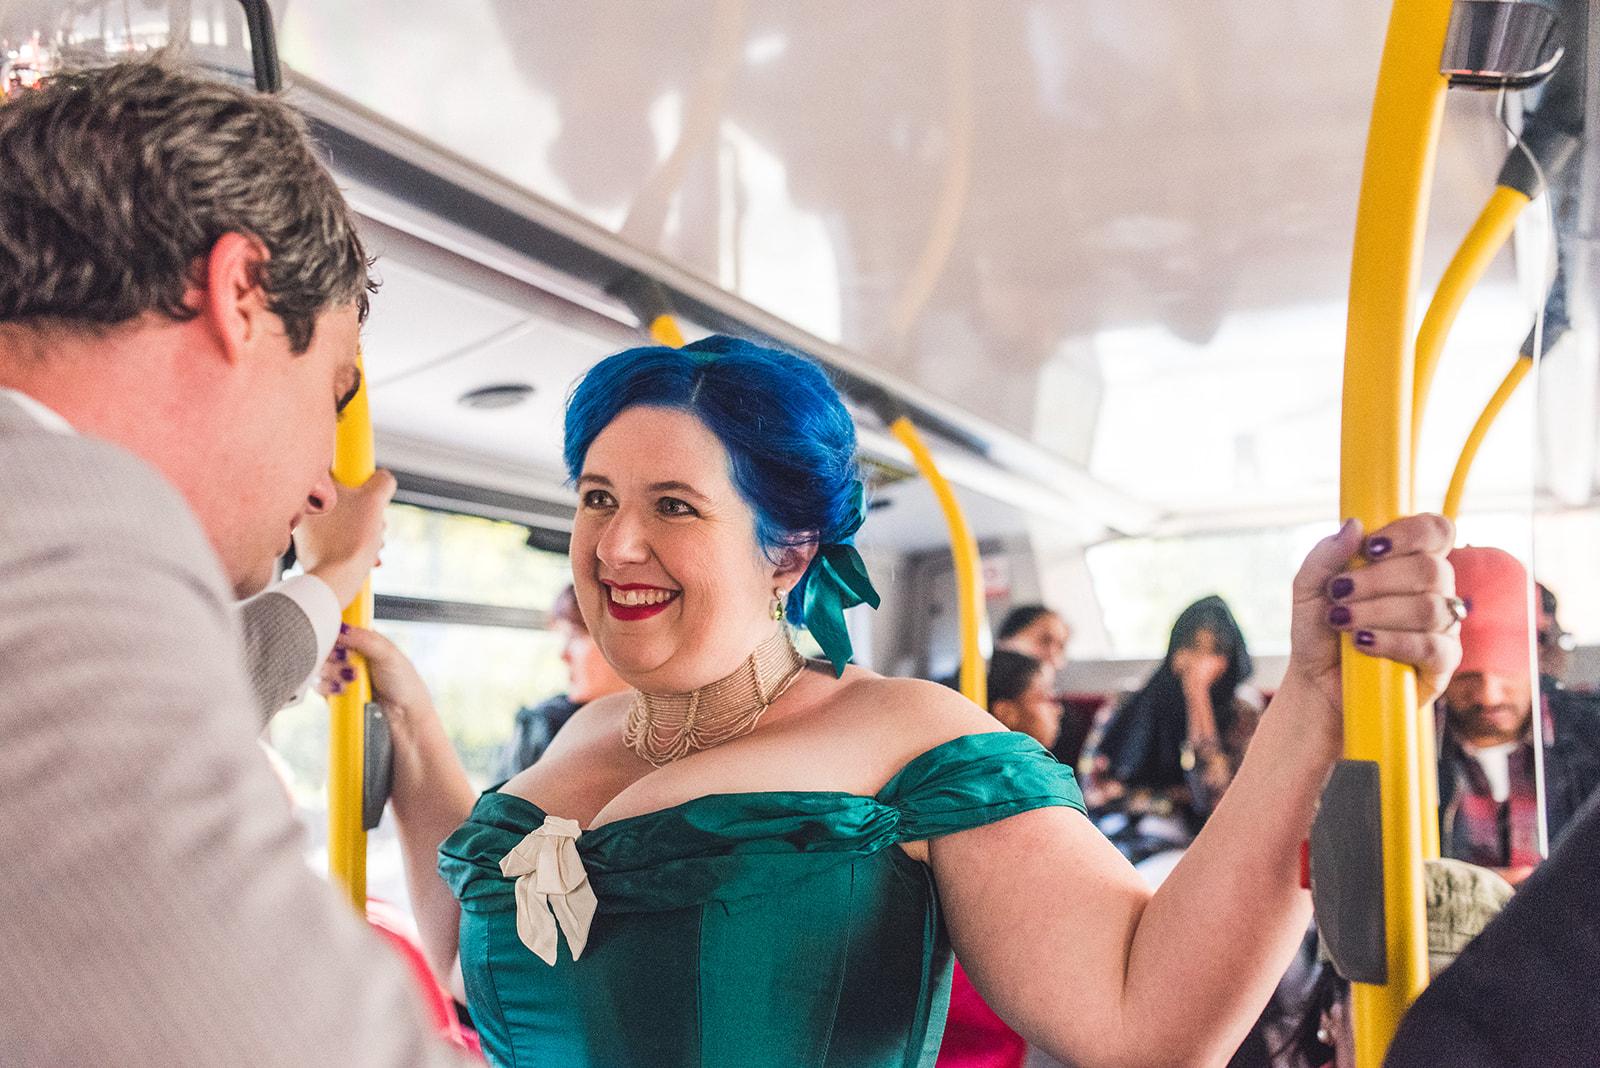 unique wedding transport - wedding london bus - fun wedding ideas - unconventional wedding